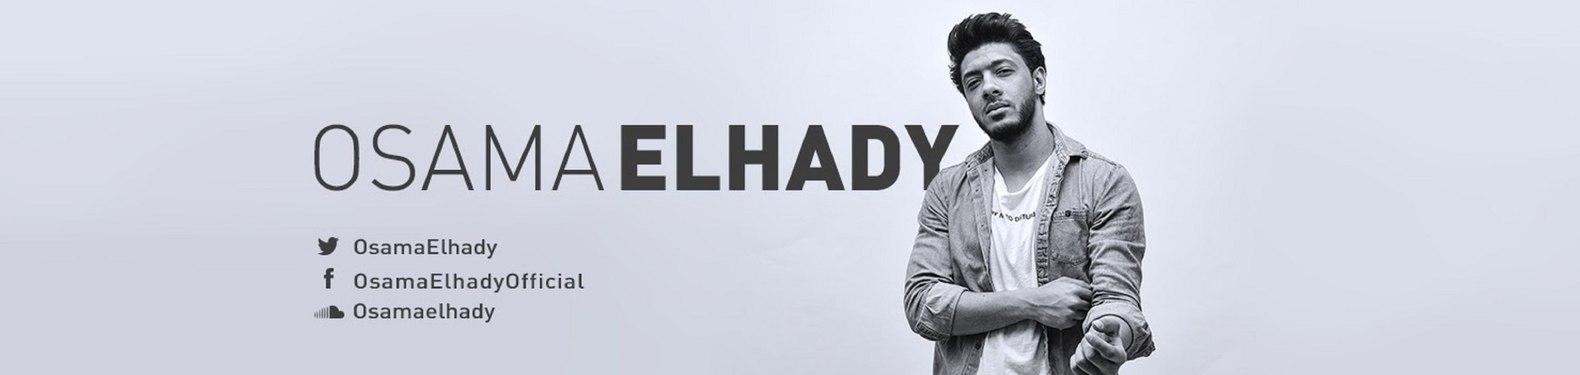 Osama Elhady